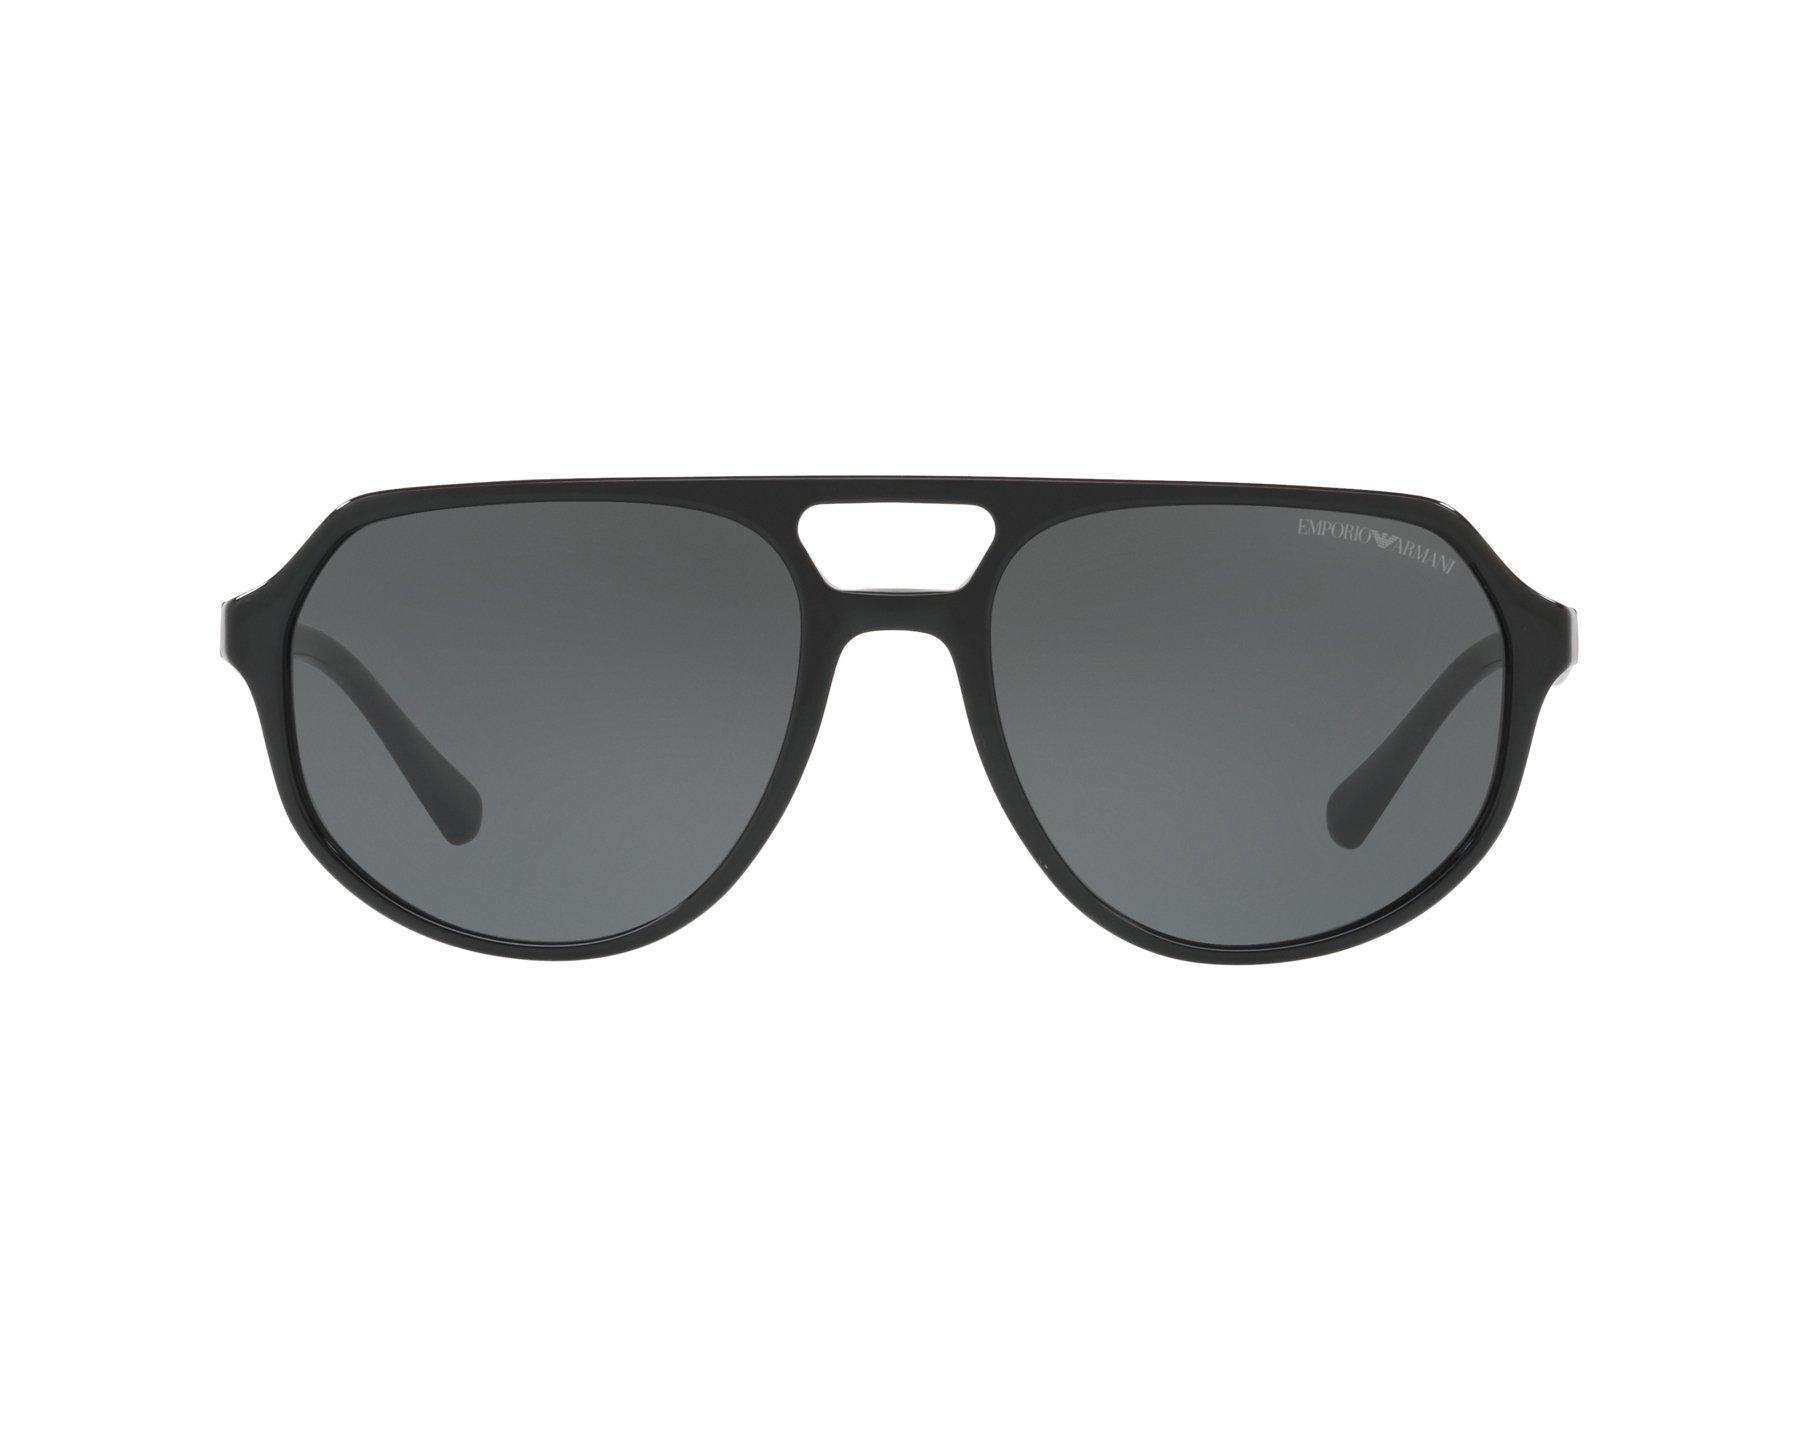 7442f38bf15 Sunglasses Emporio Armani EA-4111 500187 57-18 Black 360 degree view 1